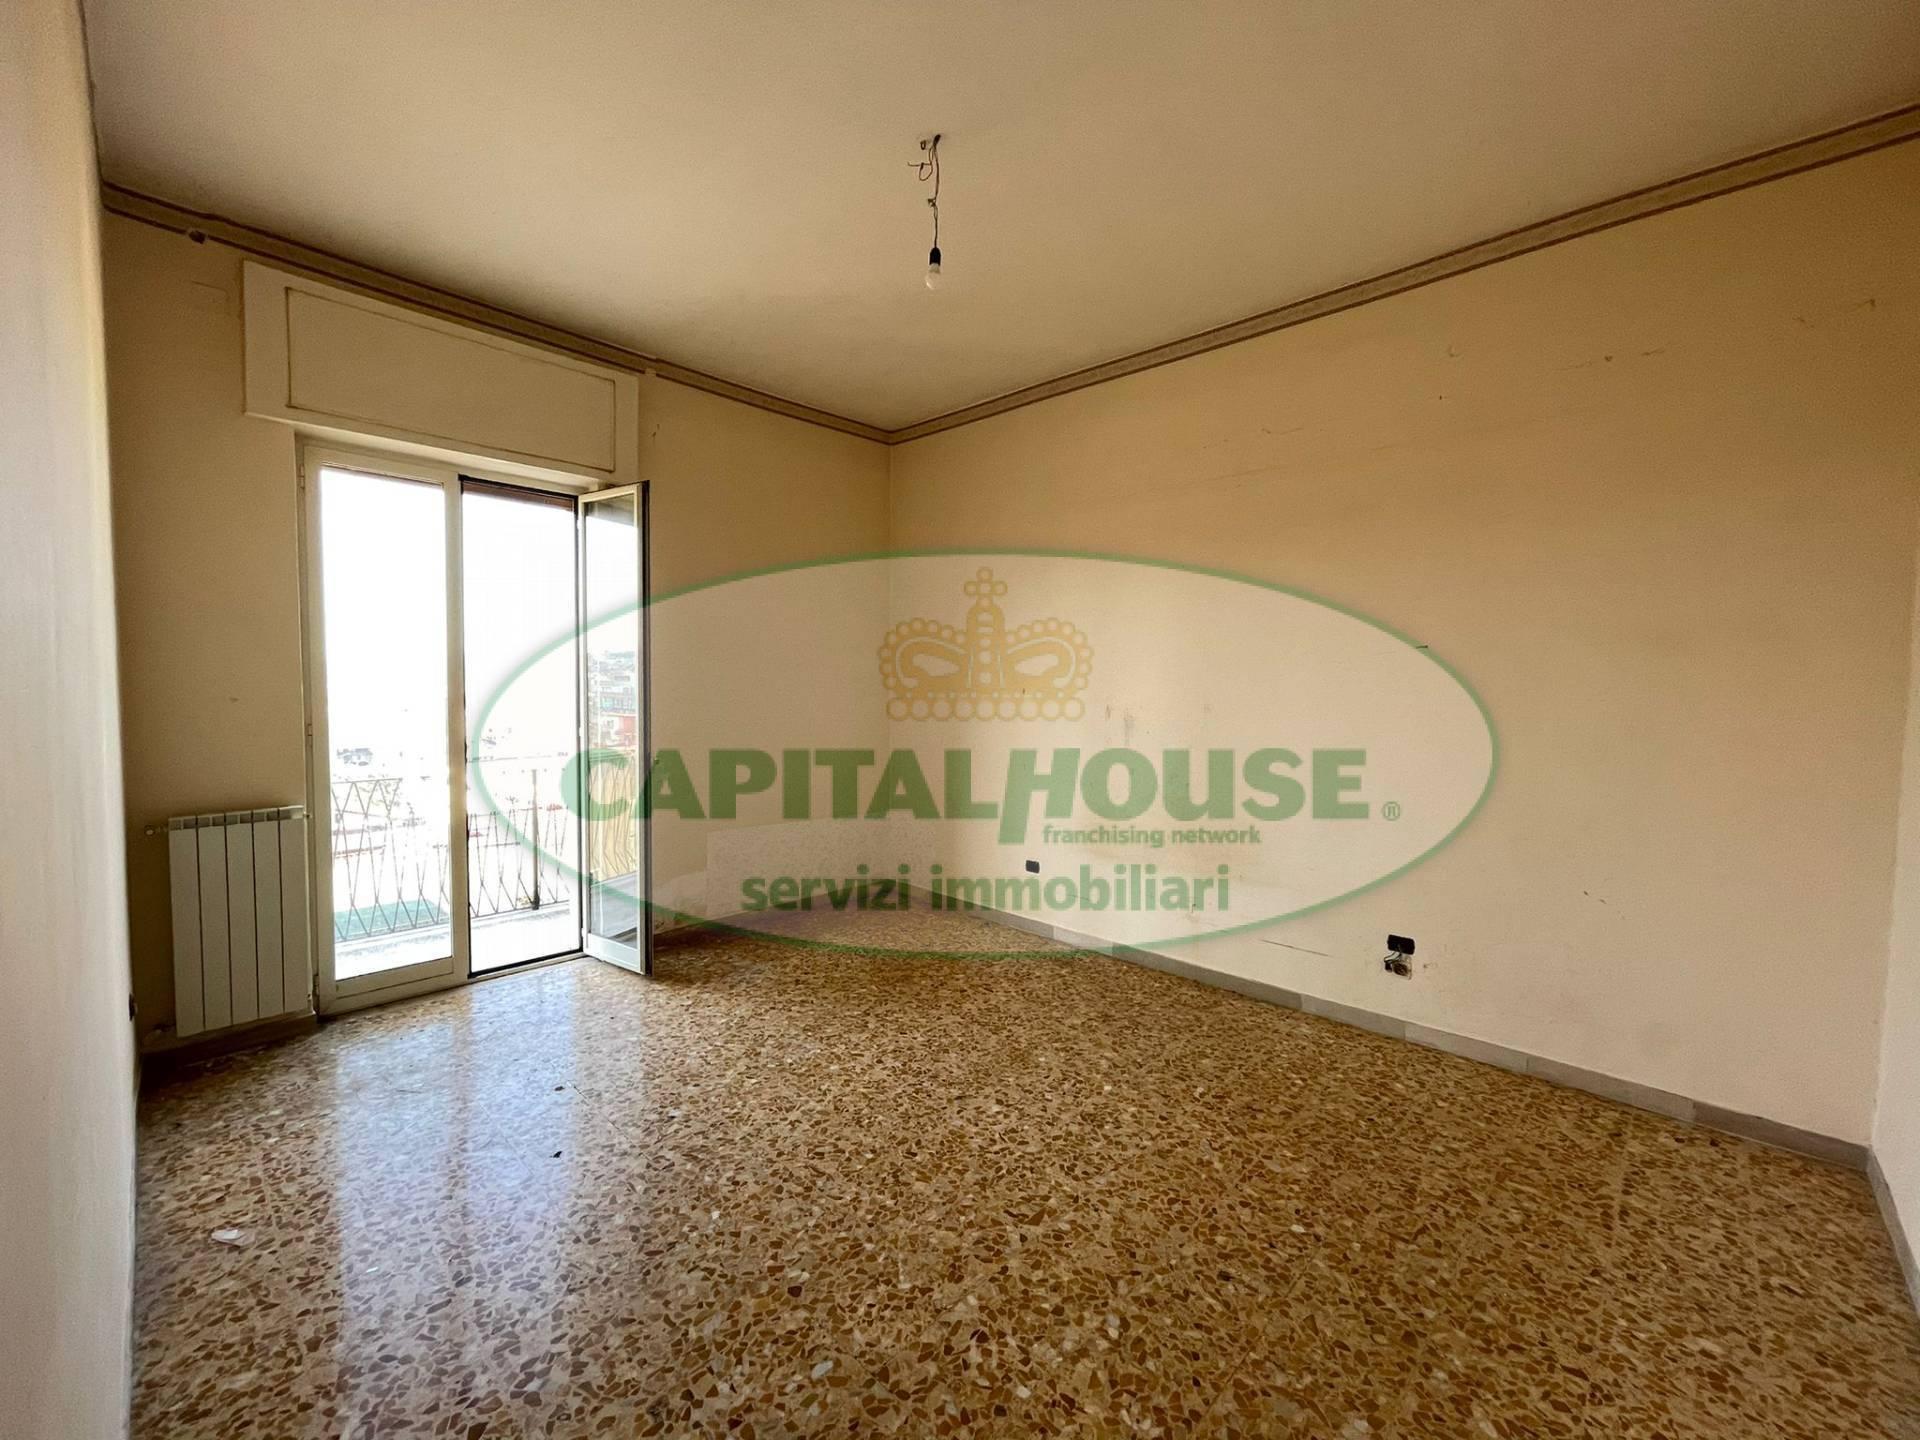 Appartamento in affitto a Ottaviano, 3 locali, prezzo € 400 | CambioCasa.it